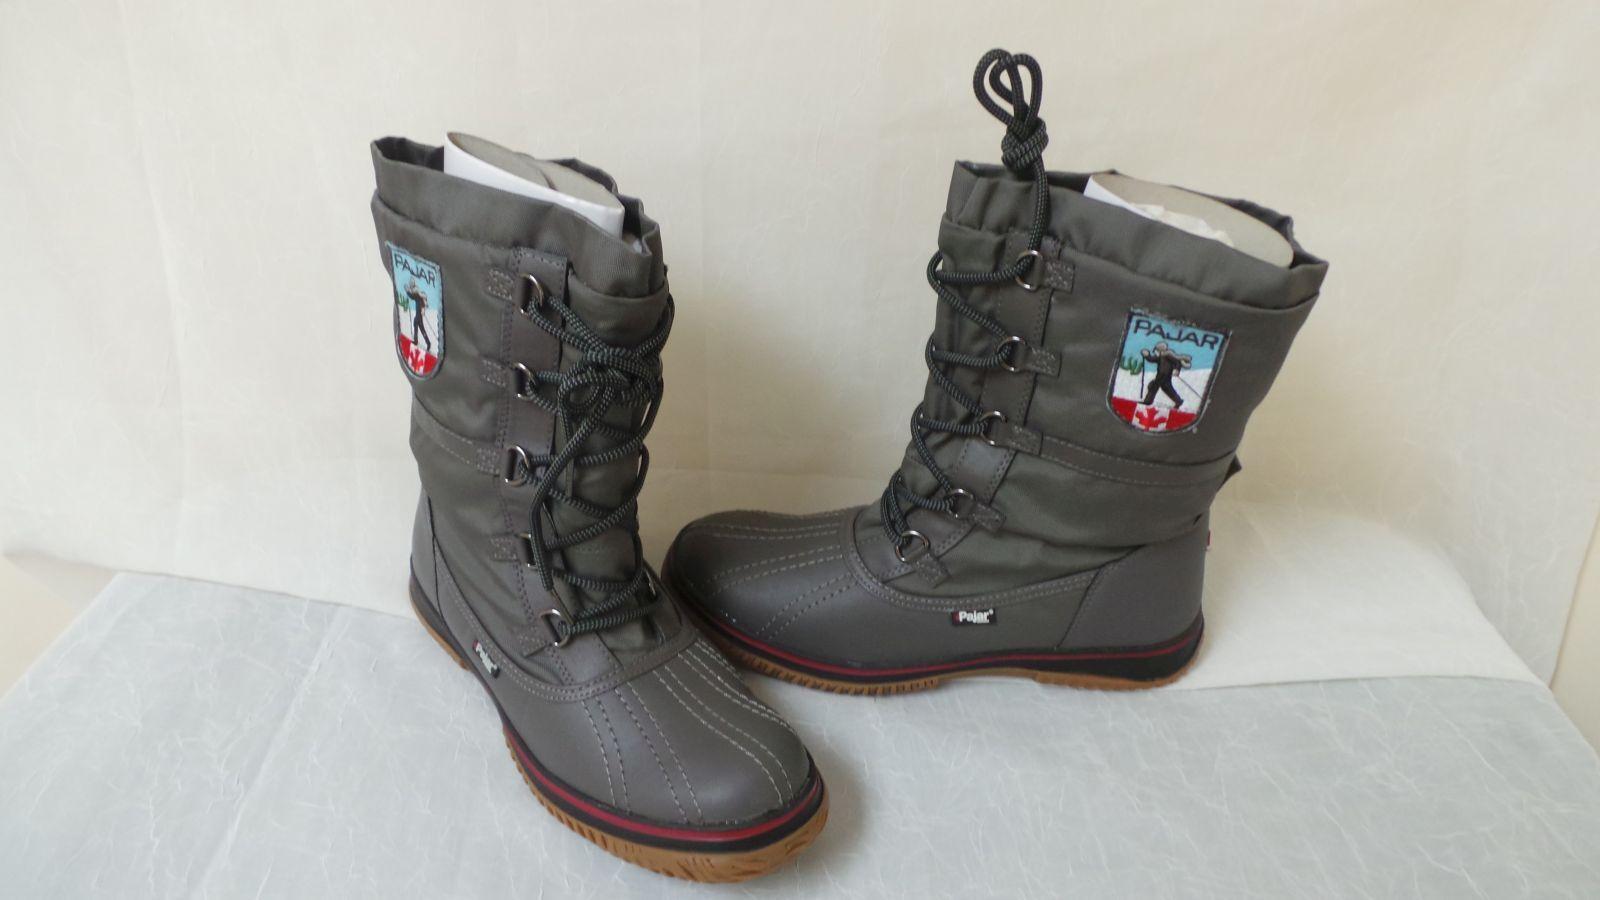 NEU  Pajar Damenschuhe Grip Low Winter Stiefel-Größe 11-Gray   W137    la